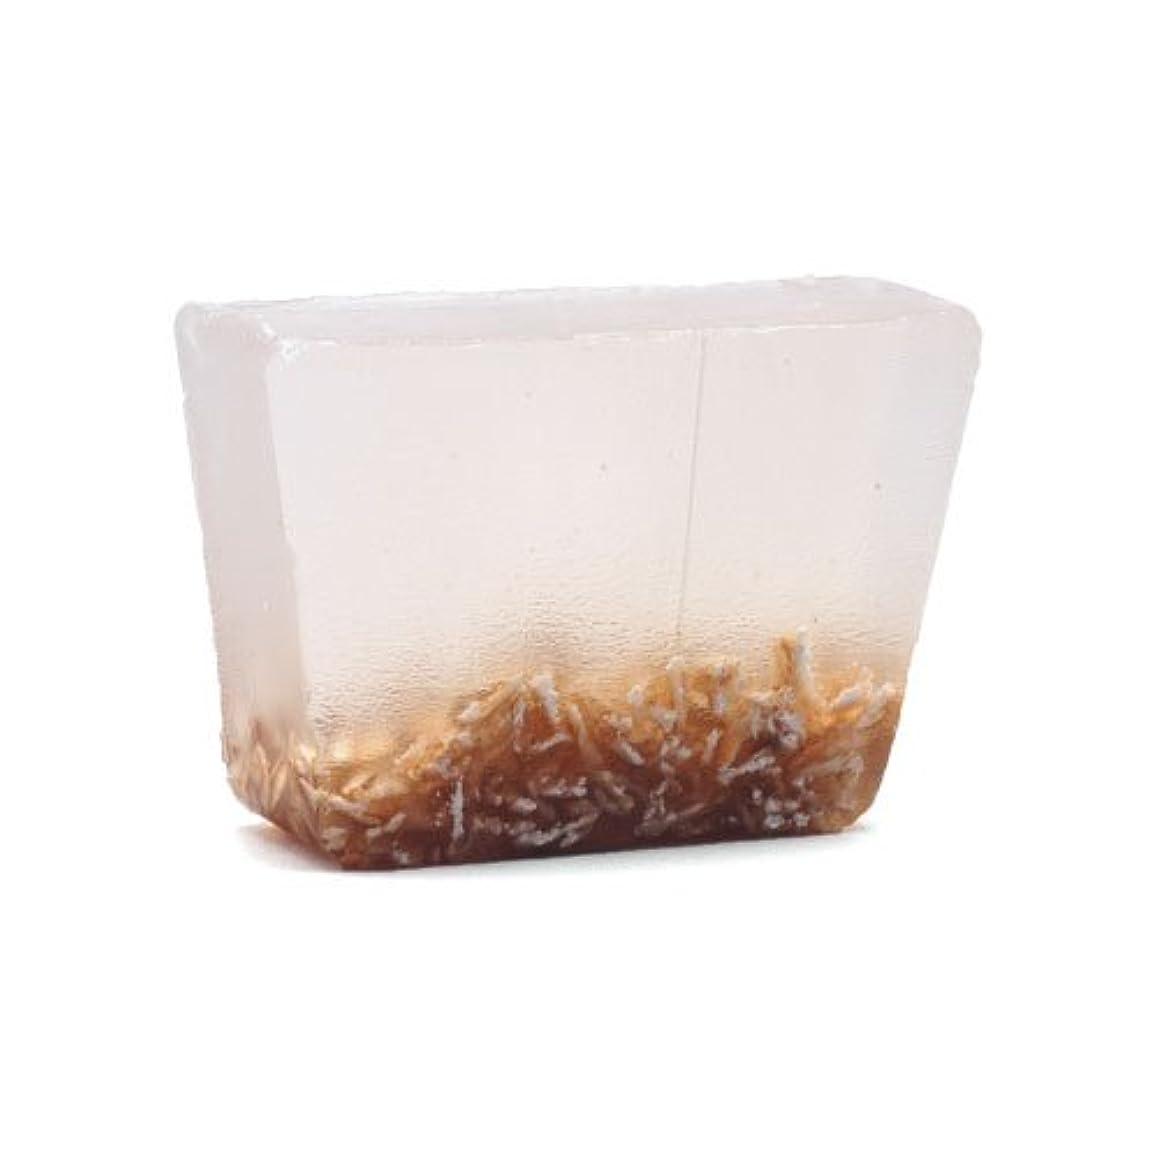 通貨取るによるとプライモールエレメンツ アロマティック ミニソープ ラベンダーオートミール 80g 植物性 ナチュラル 石鹸 無添加